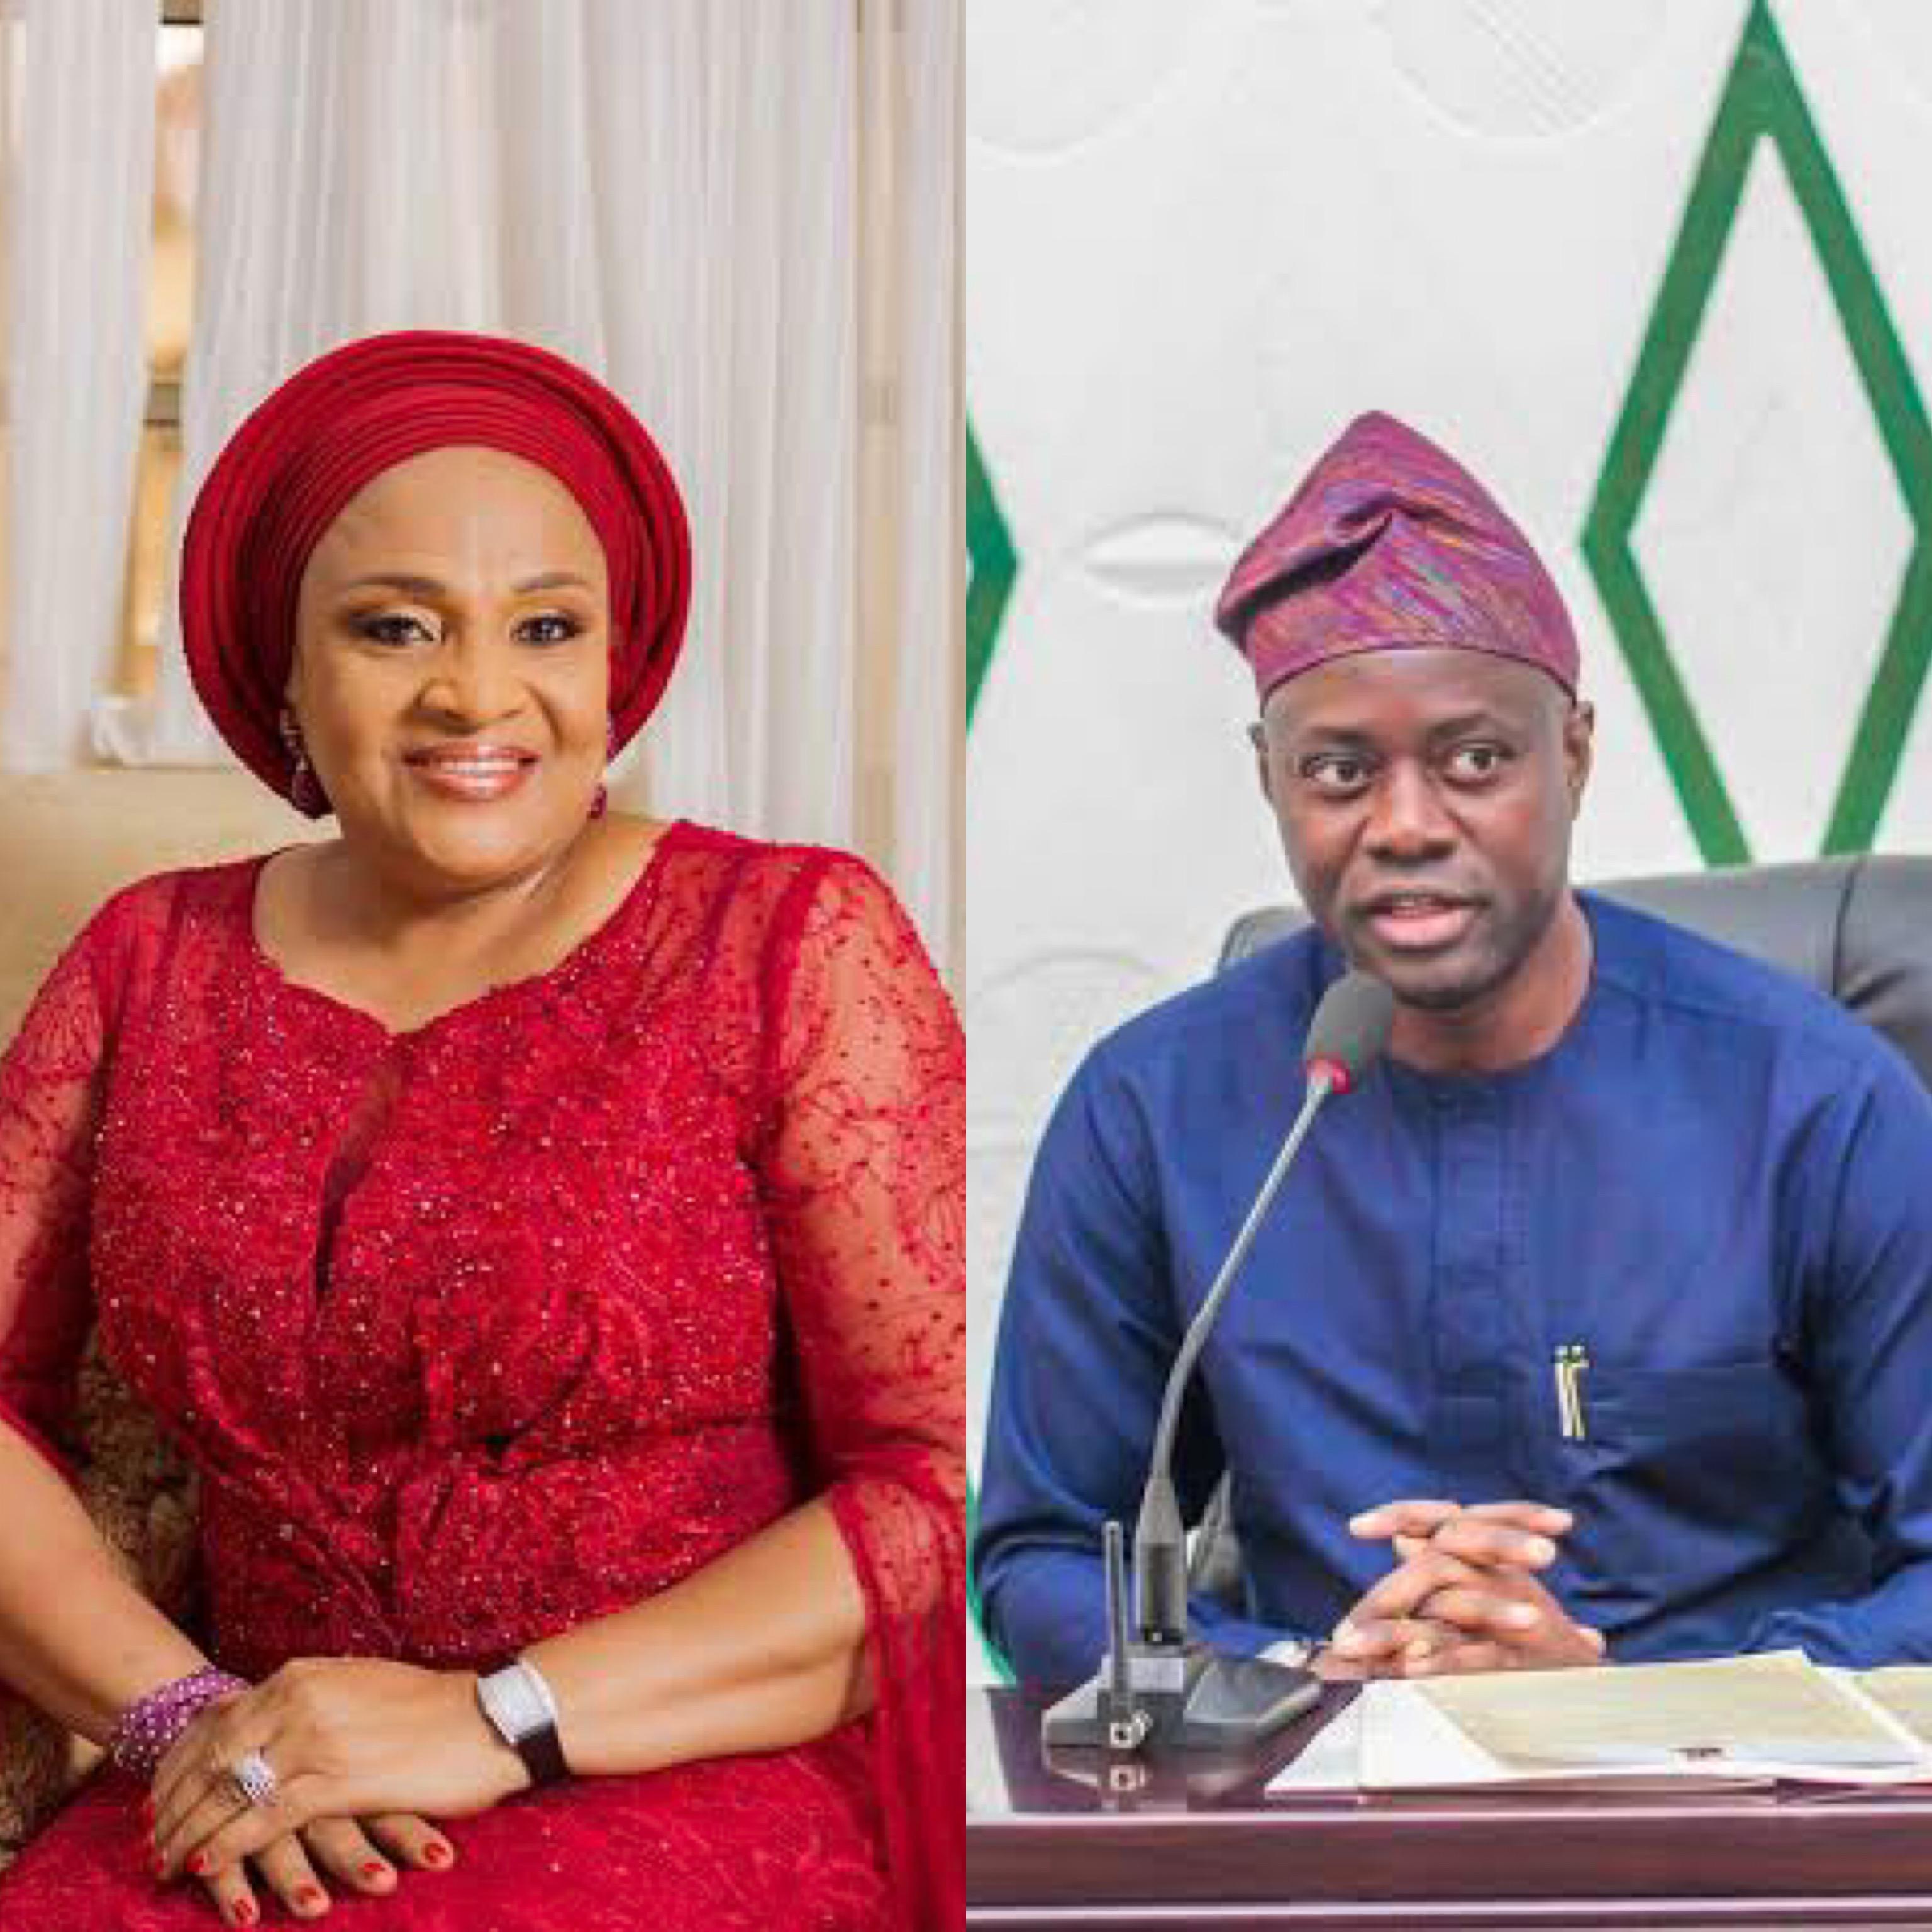 Florence Ajimobi and Seyi Makinde of Oyo state